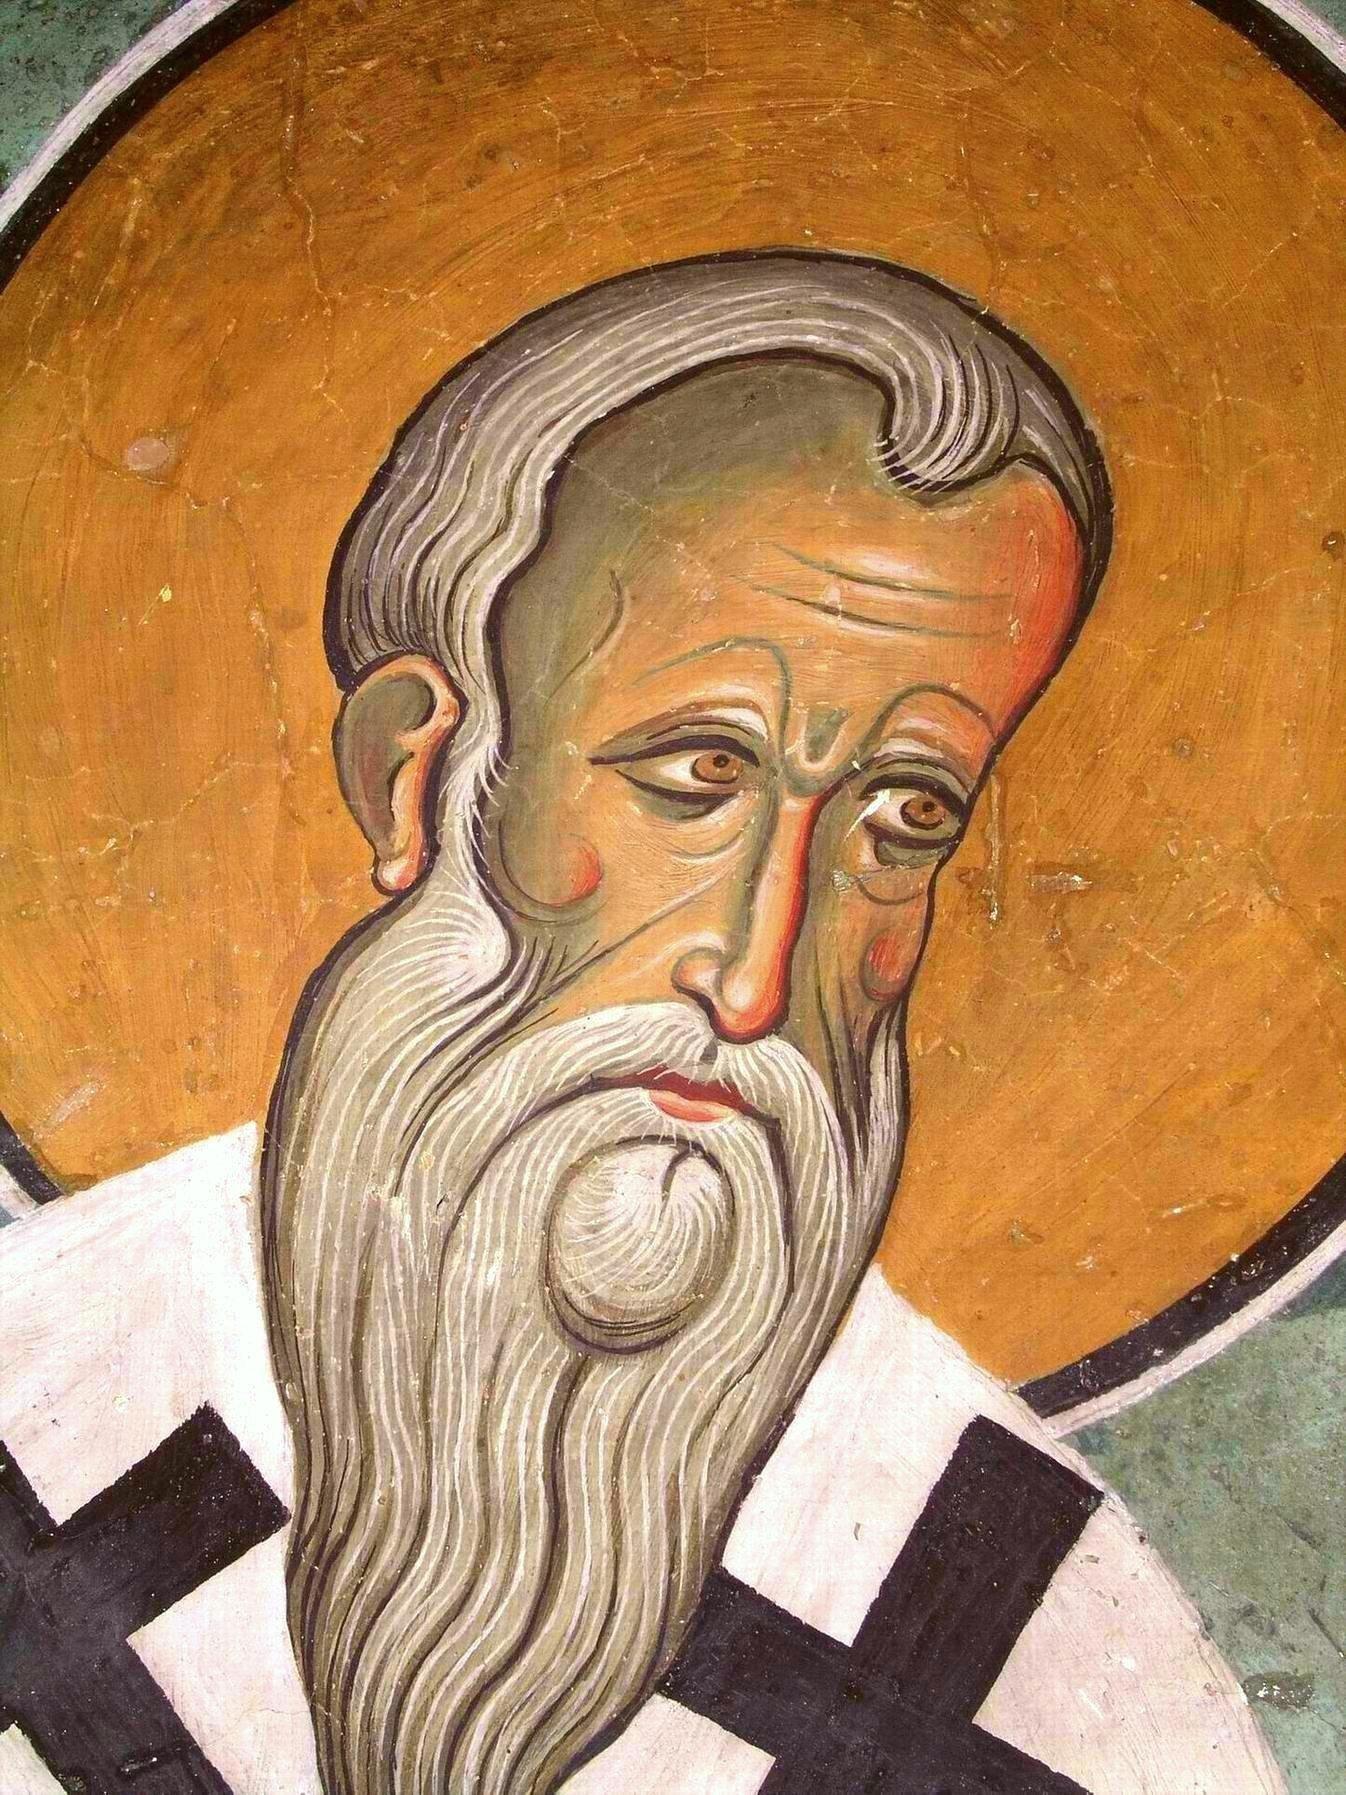 Священномученик Ипатий, Епископ Гангрский. Фреска церкви Панагии Аракиотиссы в селе Лагудера, Кипр. 1192 год.